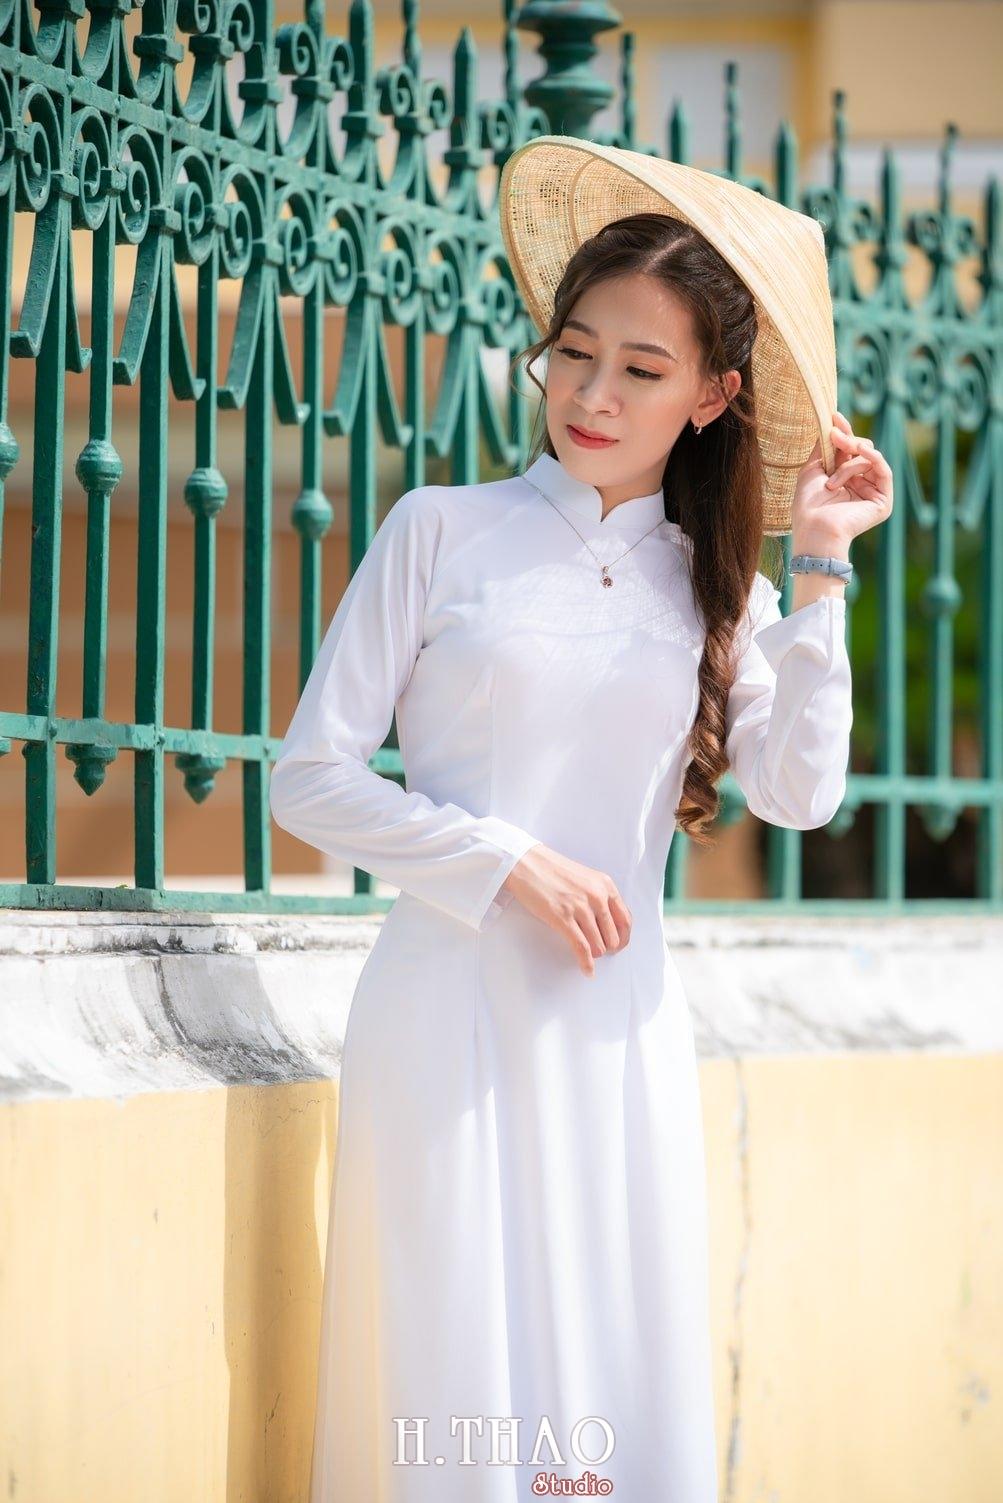 Ao dai nha tho duc ba 13 - Tổng hợp album ảnh áo dài chụp tại nhà thờ Đức Bà - HThao Studio